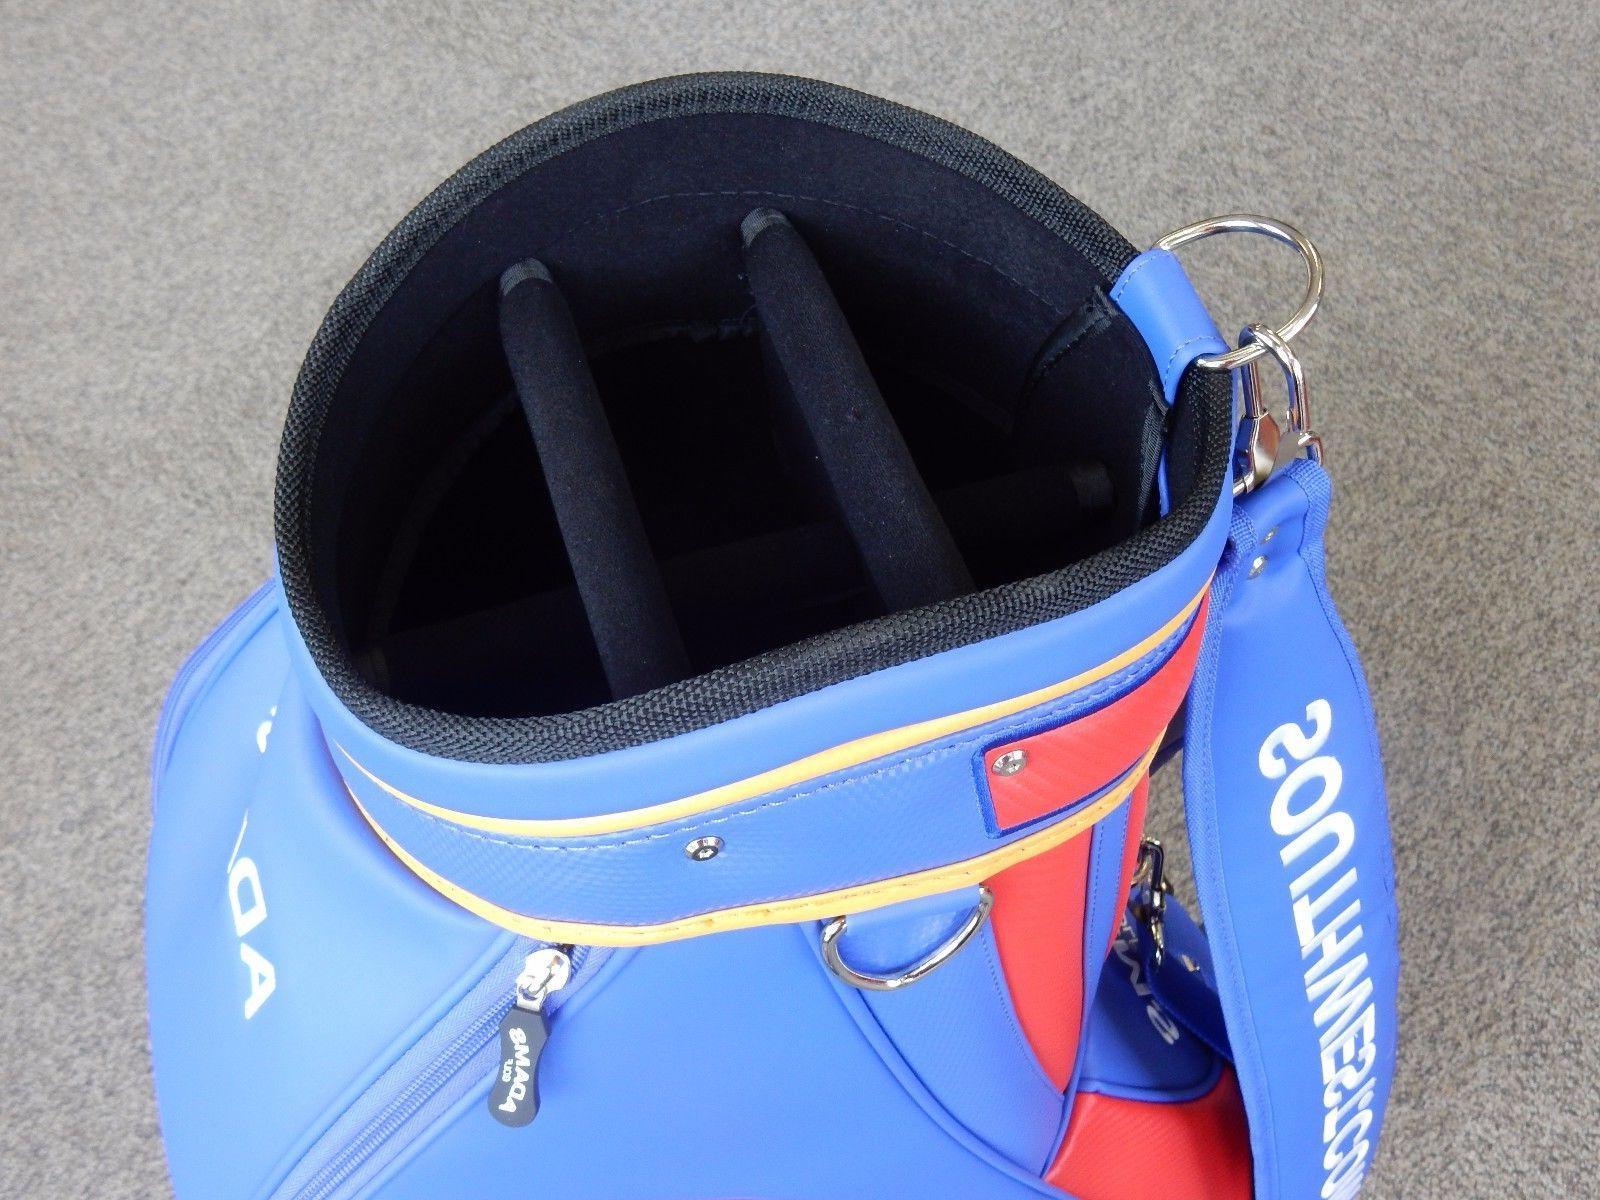 Adams Golf Staff Cart 6-Way Divider Blue/Red/Yellow